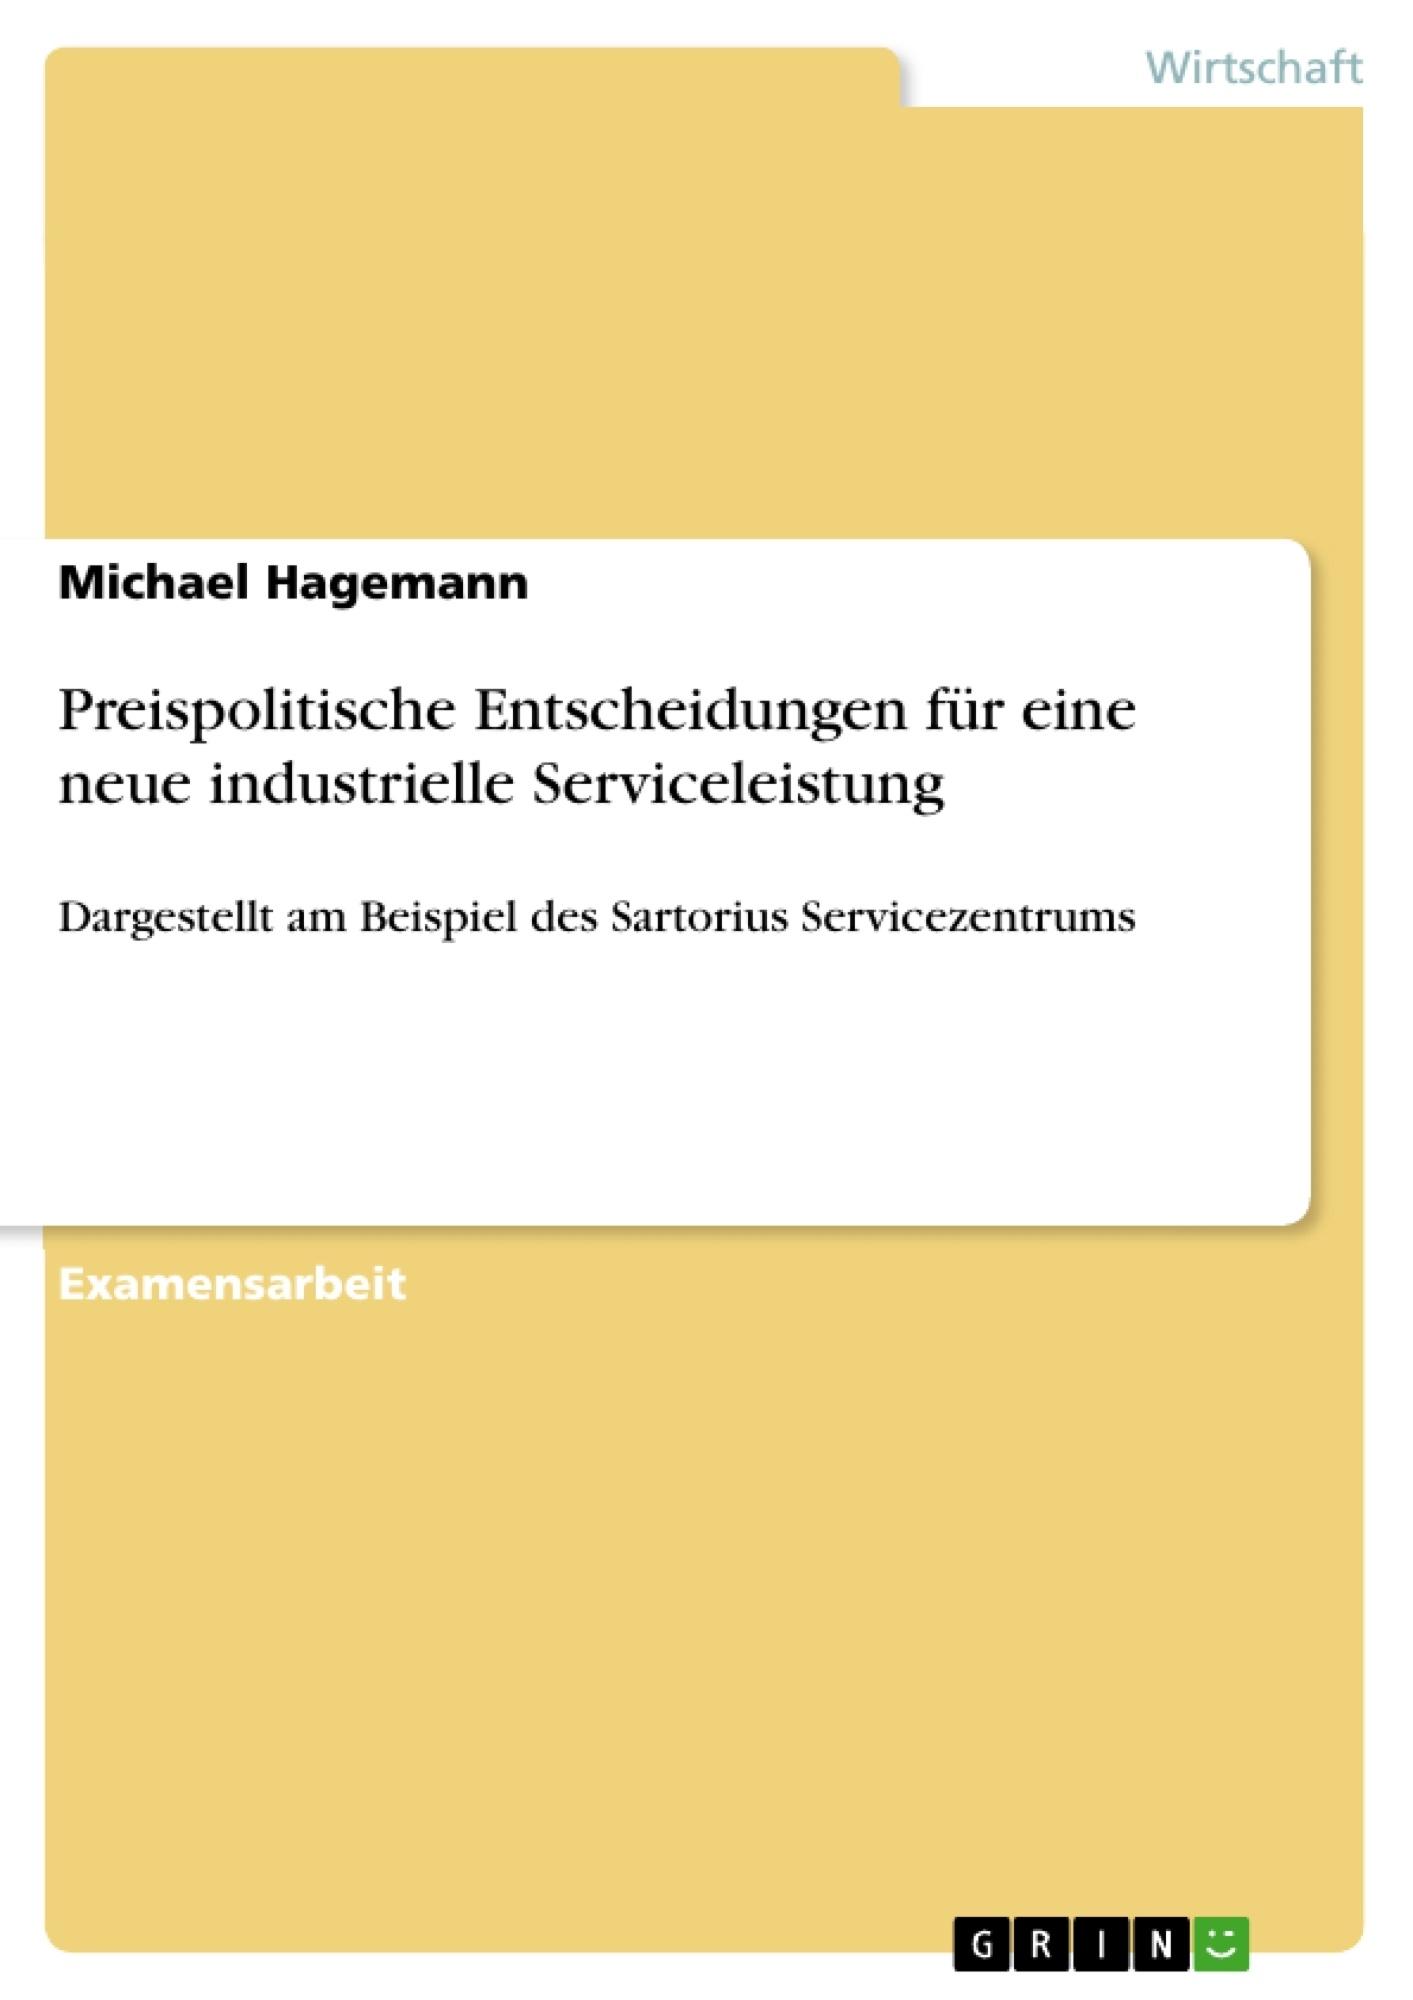 Titel: Preispolitische Entscheidungen für eine neue industrielle Serviceleistung